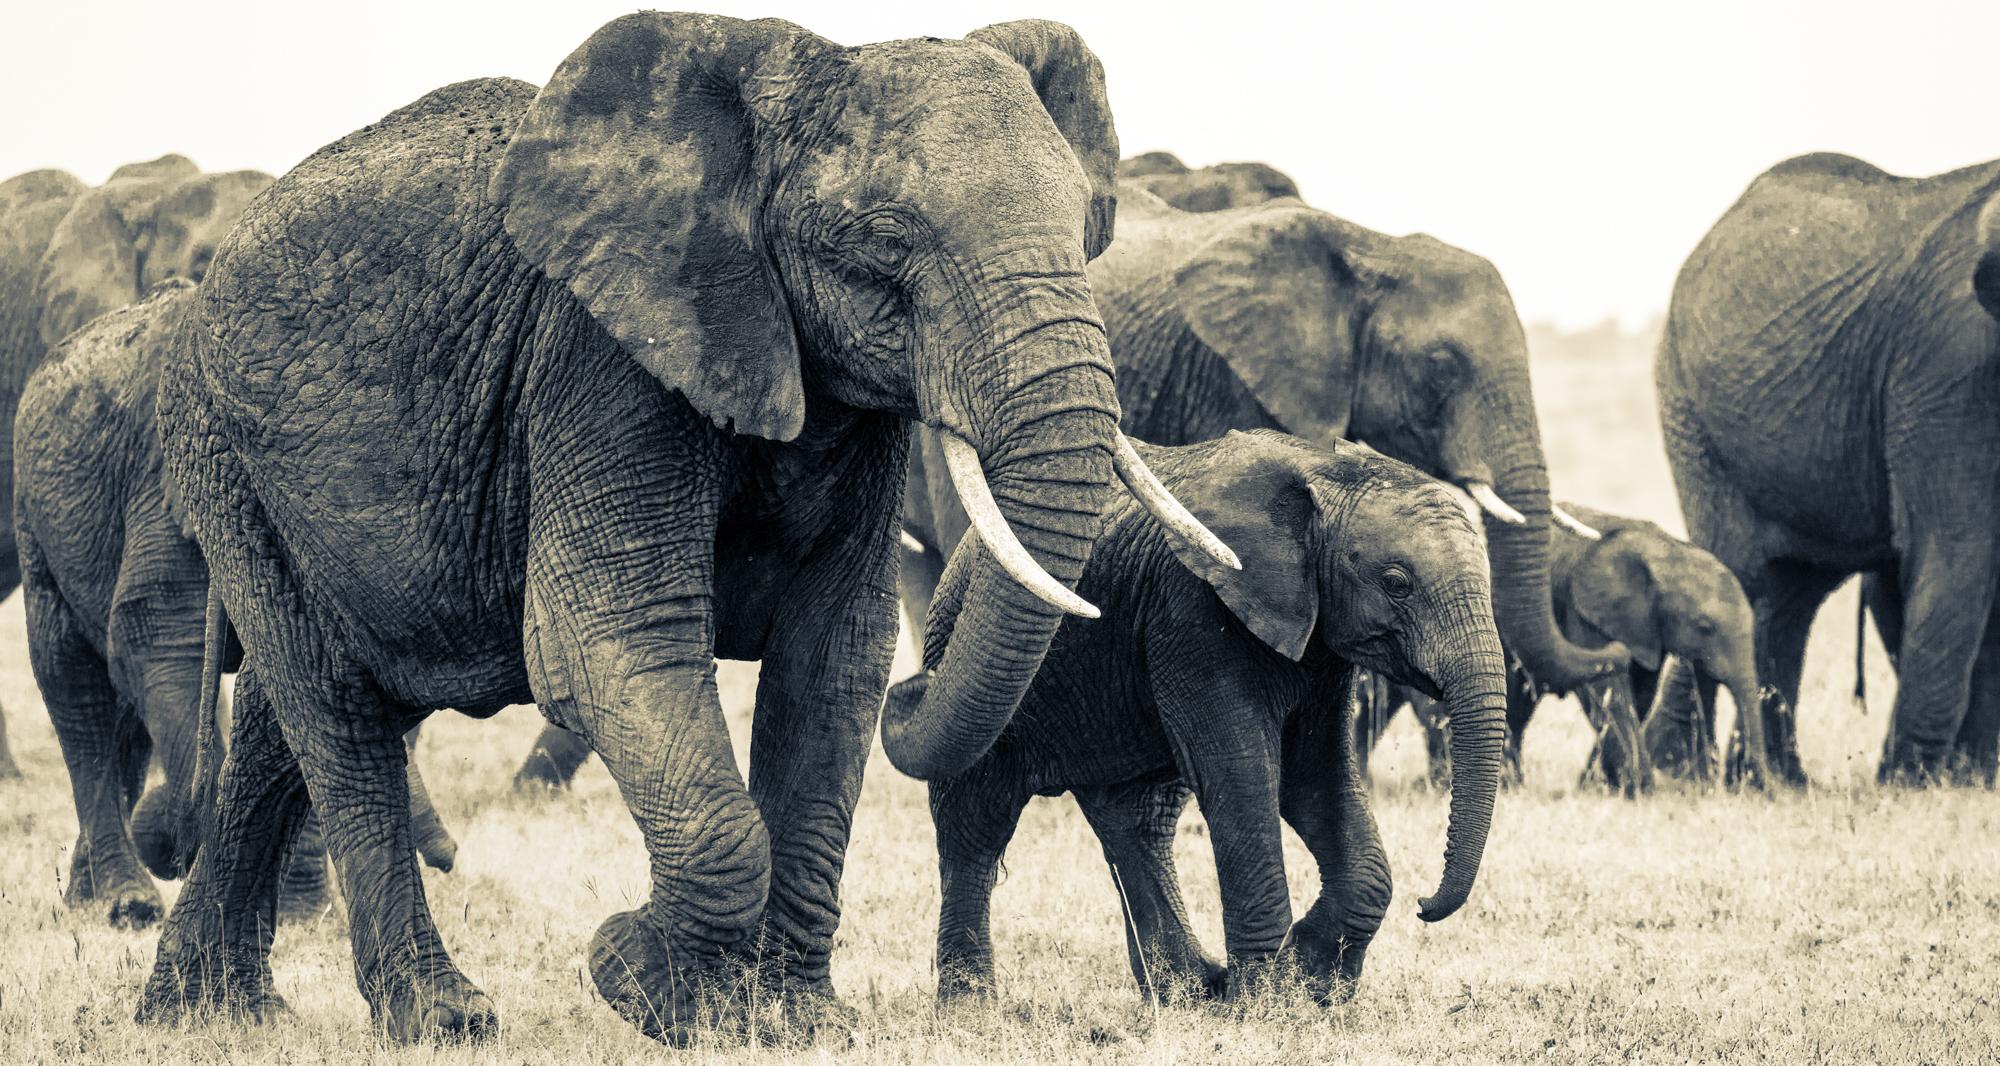 A herd of elephants crossing a grassy plain.